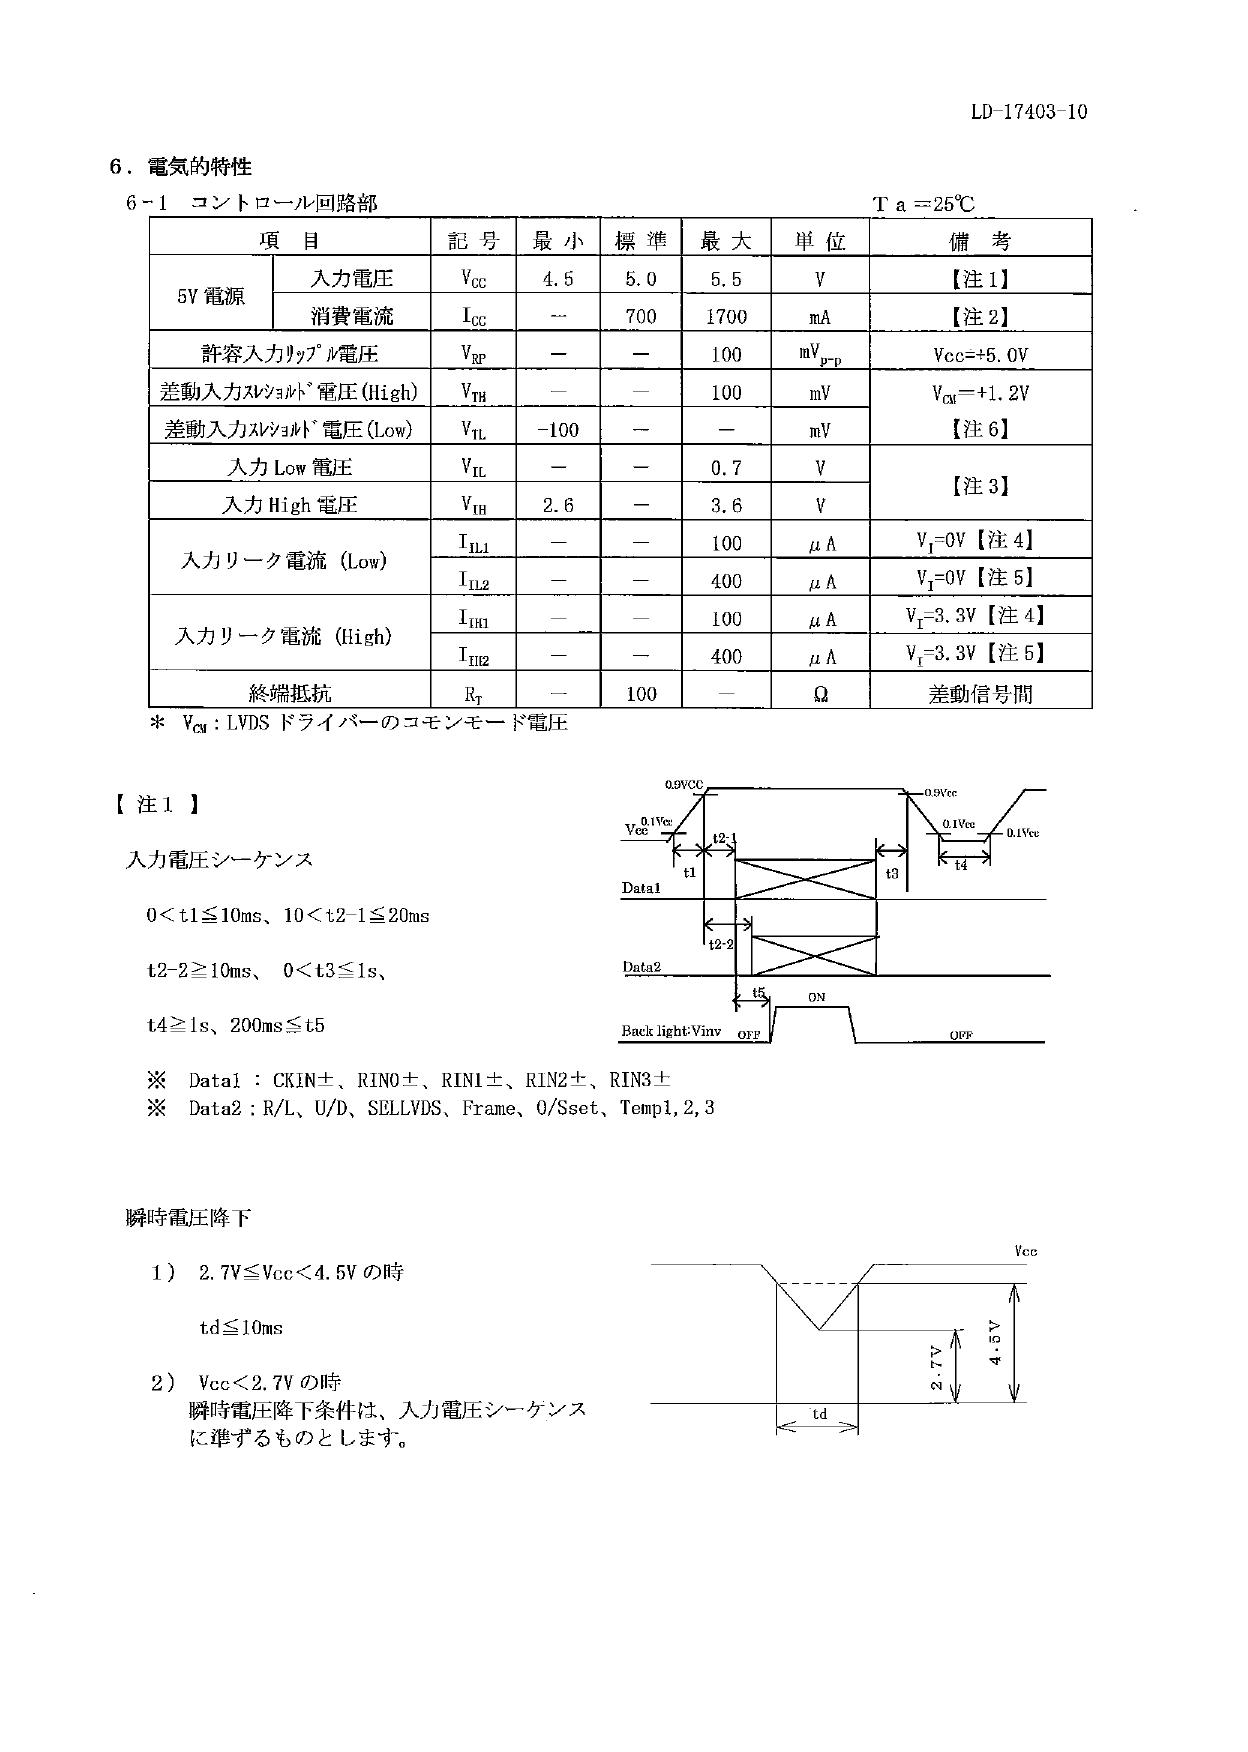 FU-260-003 pdf, datenblatt